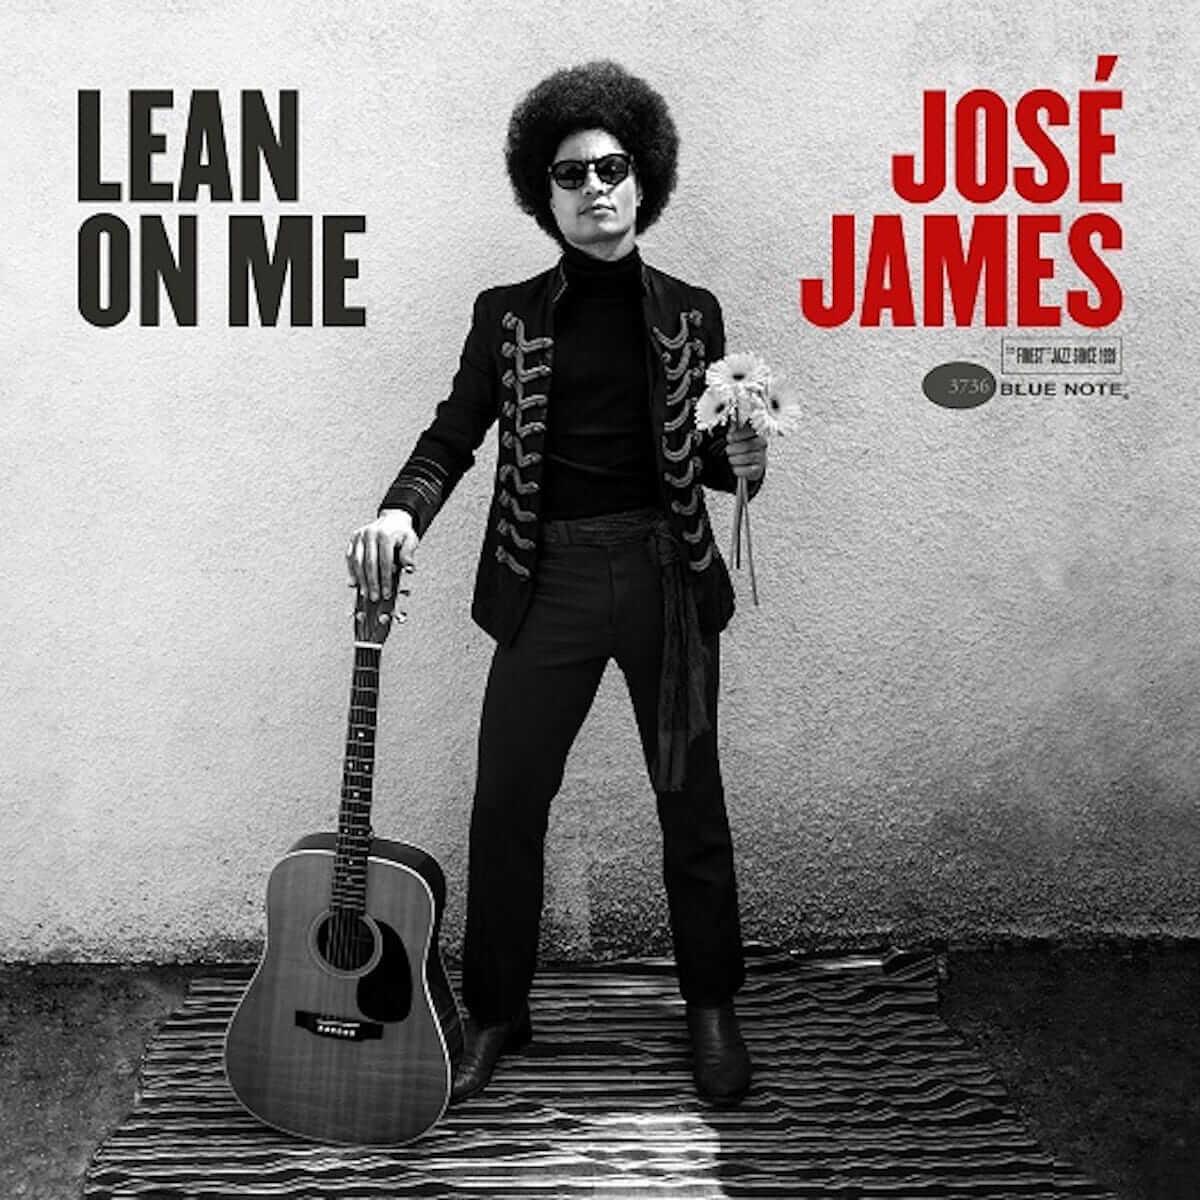 ホセ・ジェイムズが語る、ビル・ウィザースに魅了された理由とアルバムに込めた想い music180824_josejames_1-1200x1200